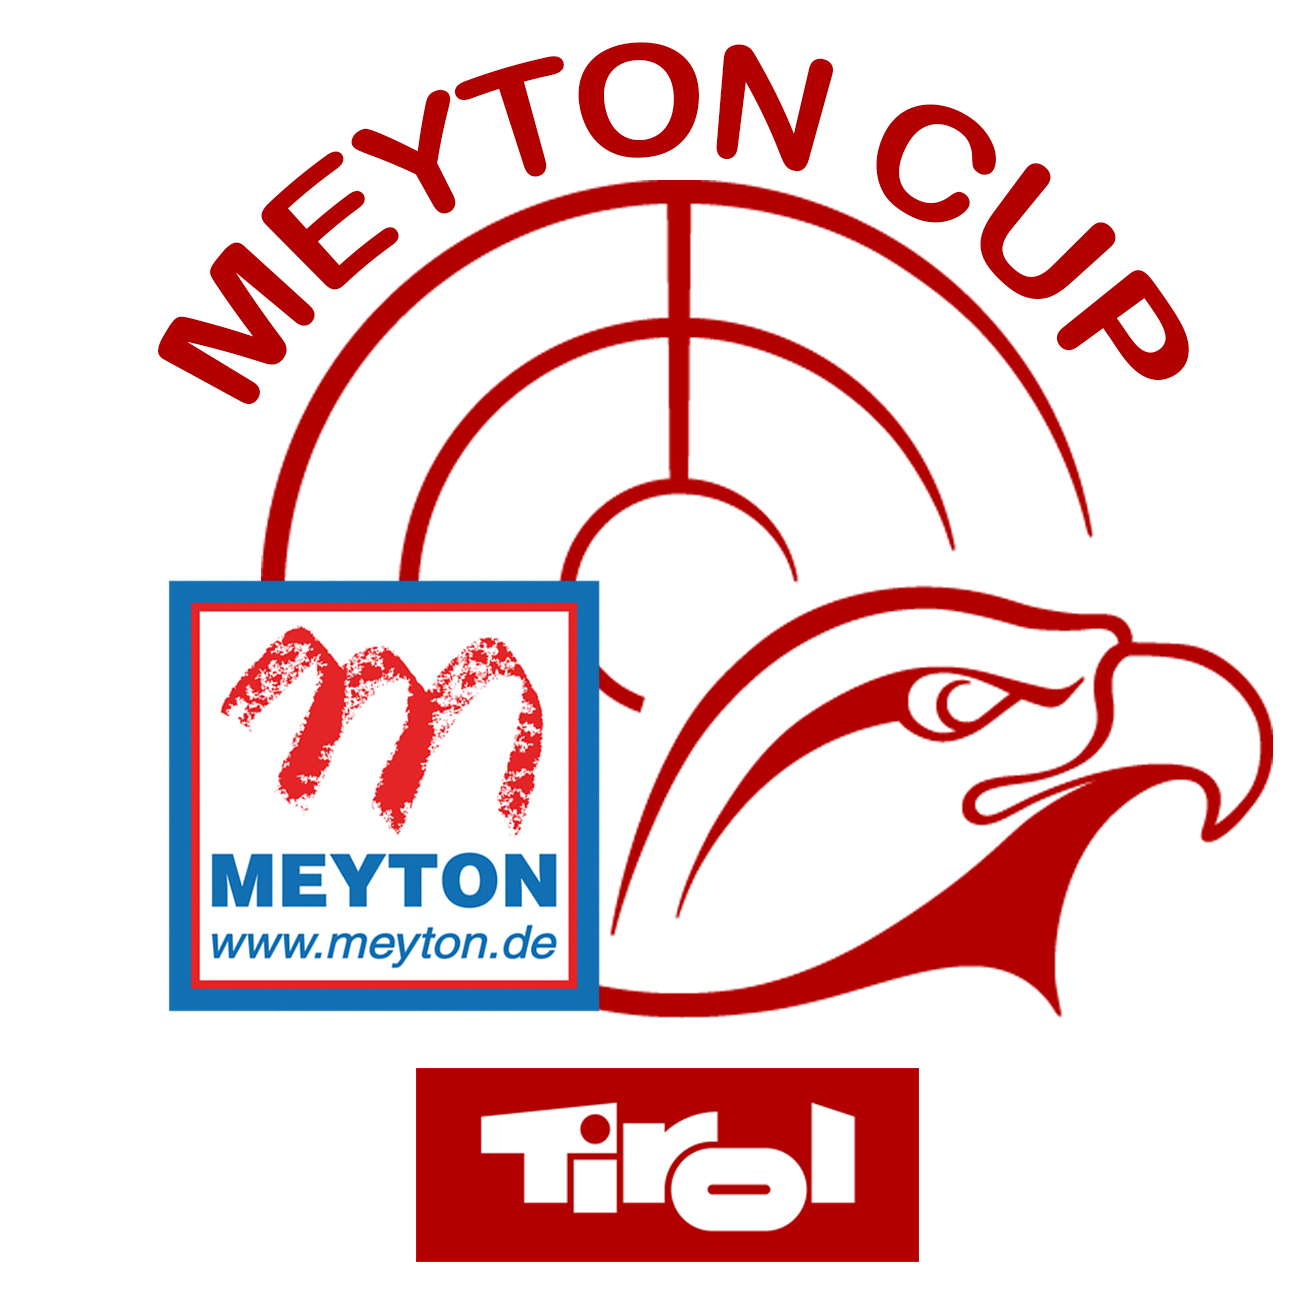 csm_MeytonCup_Logo-rot_350bc107b2.jpg